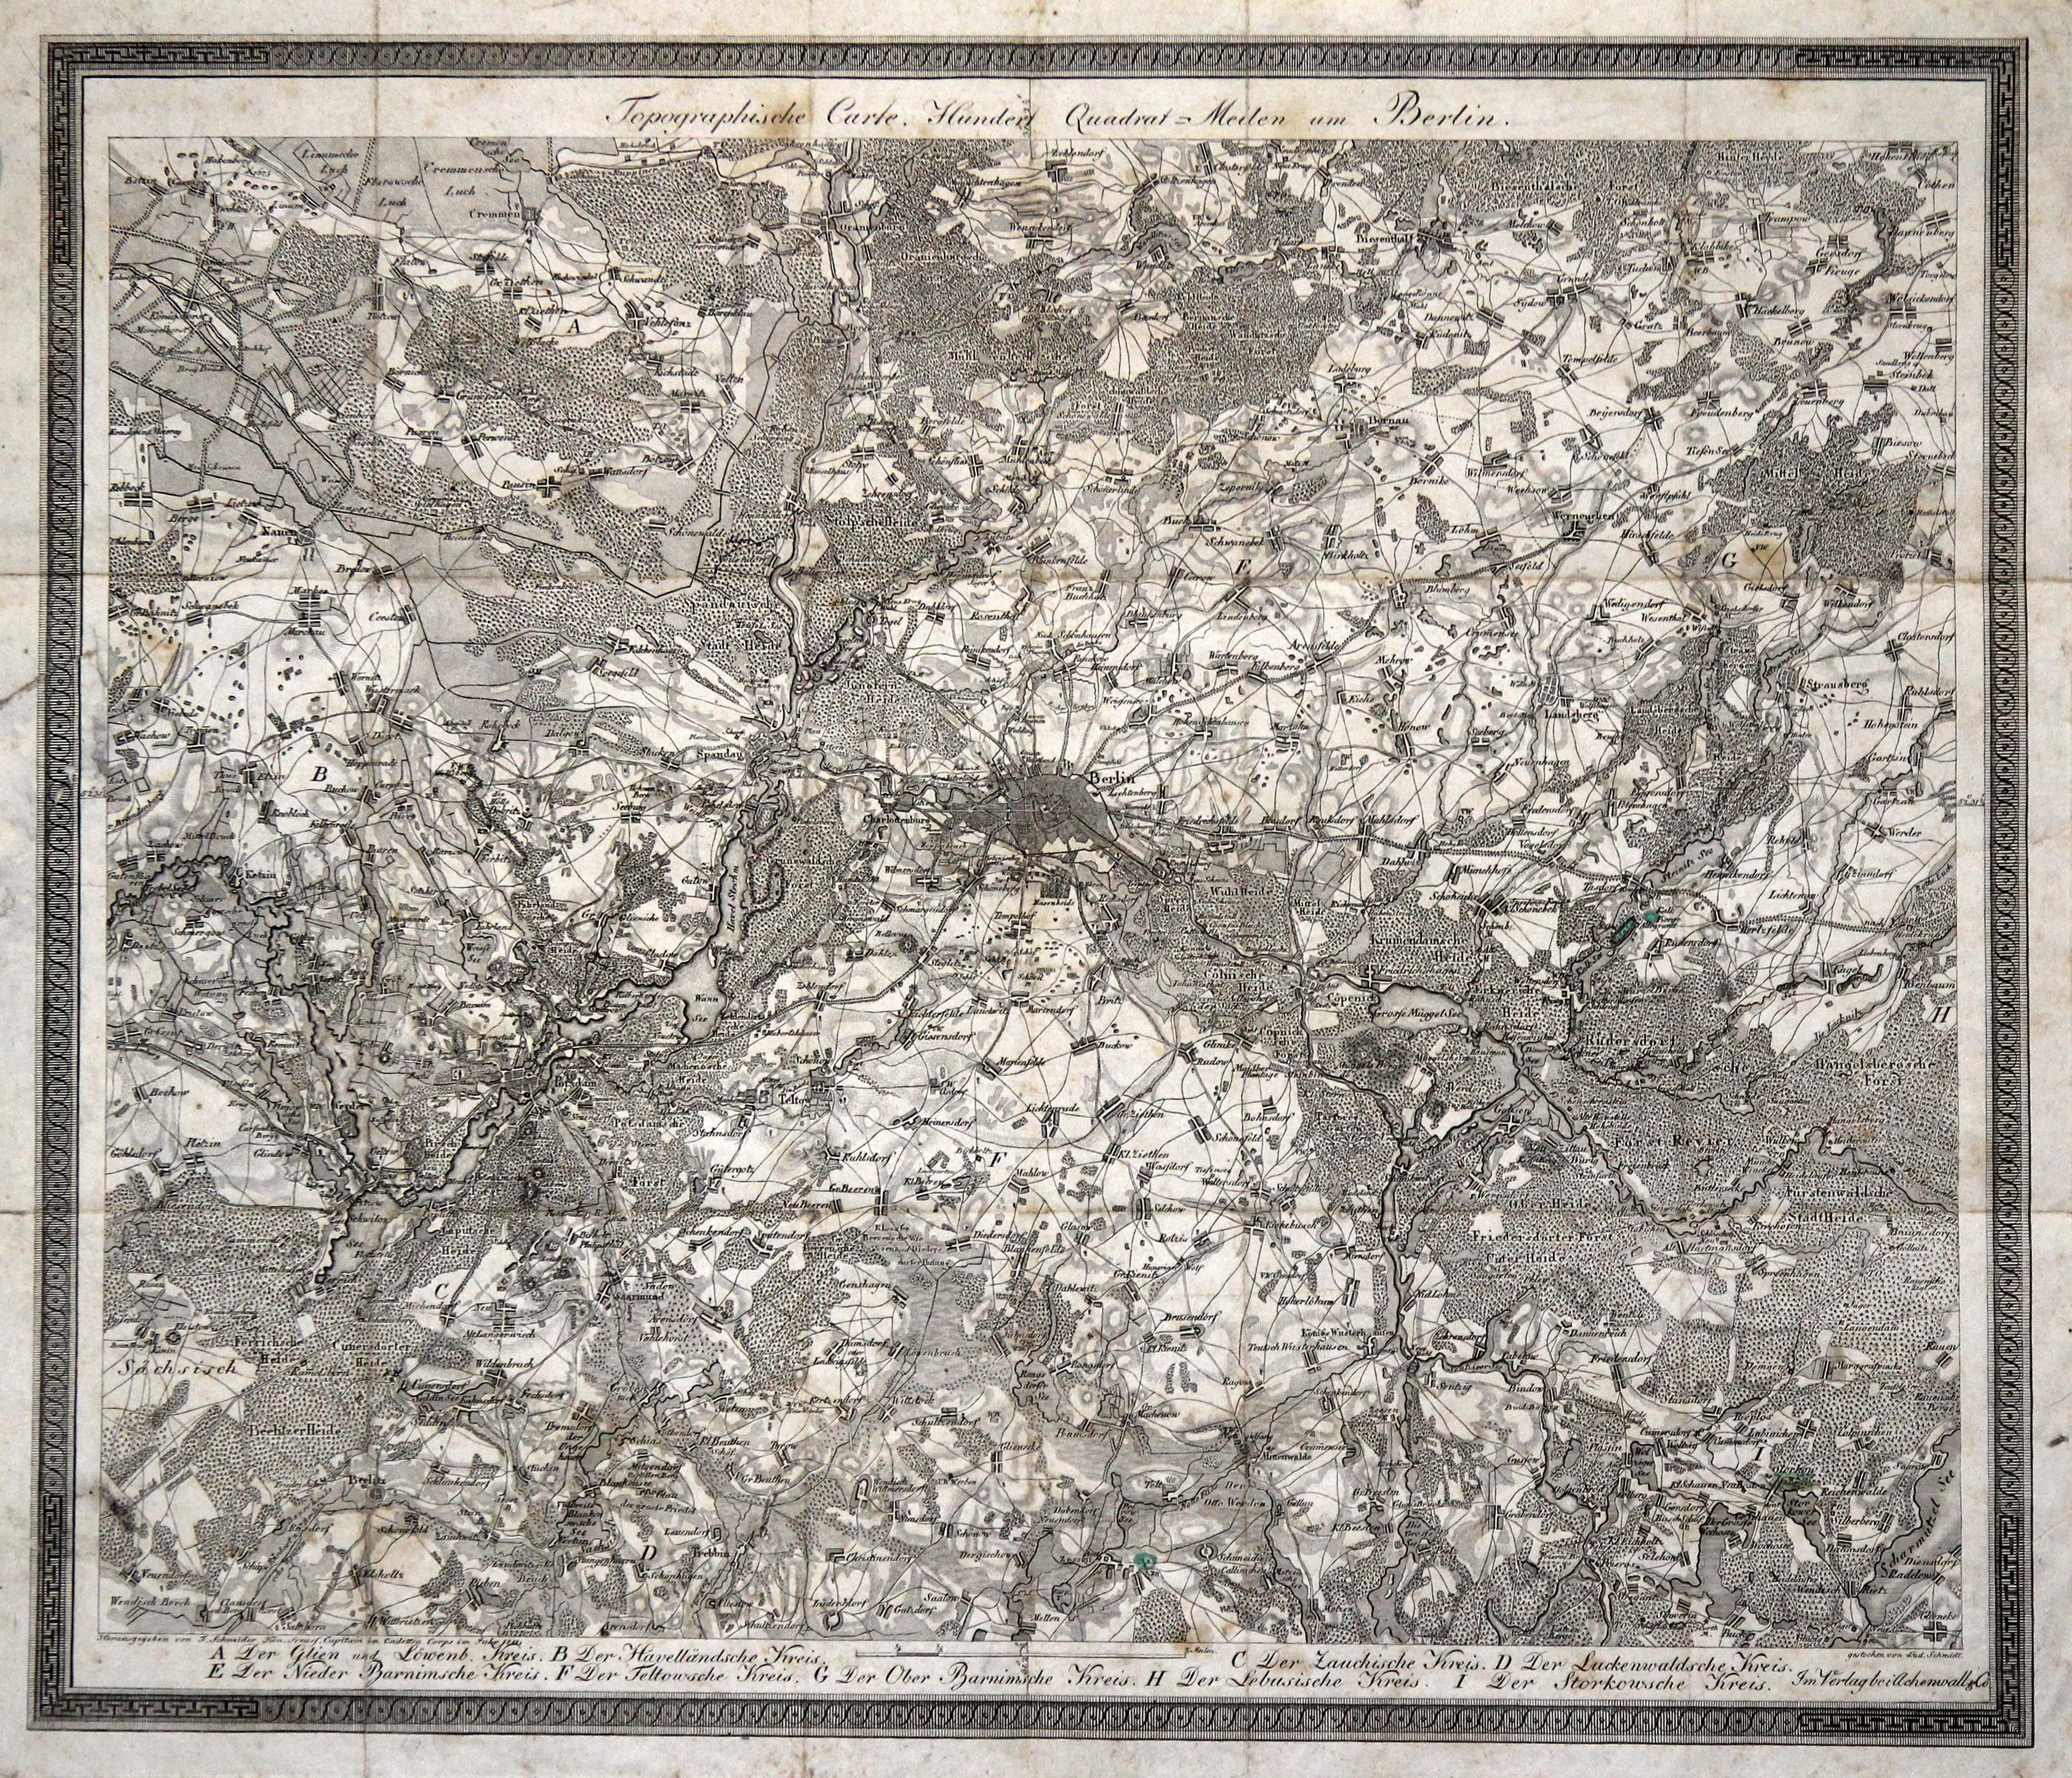 Topographische Carte Hundert Quadrat-Meilen um Berlin.: Berlin - Umgebungskarte: